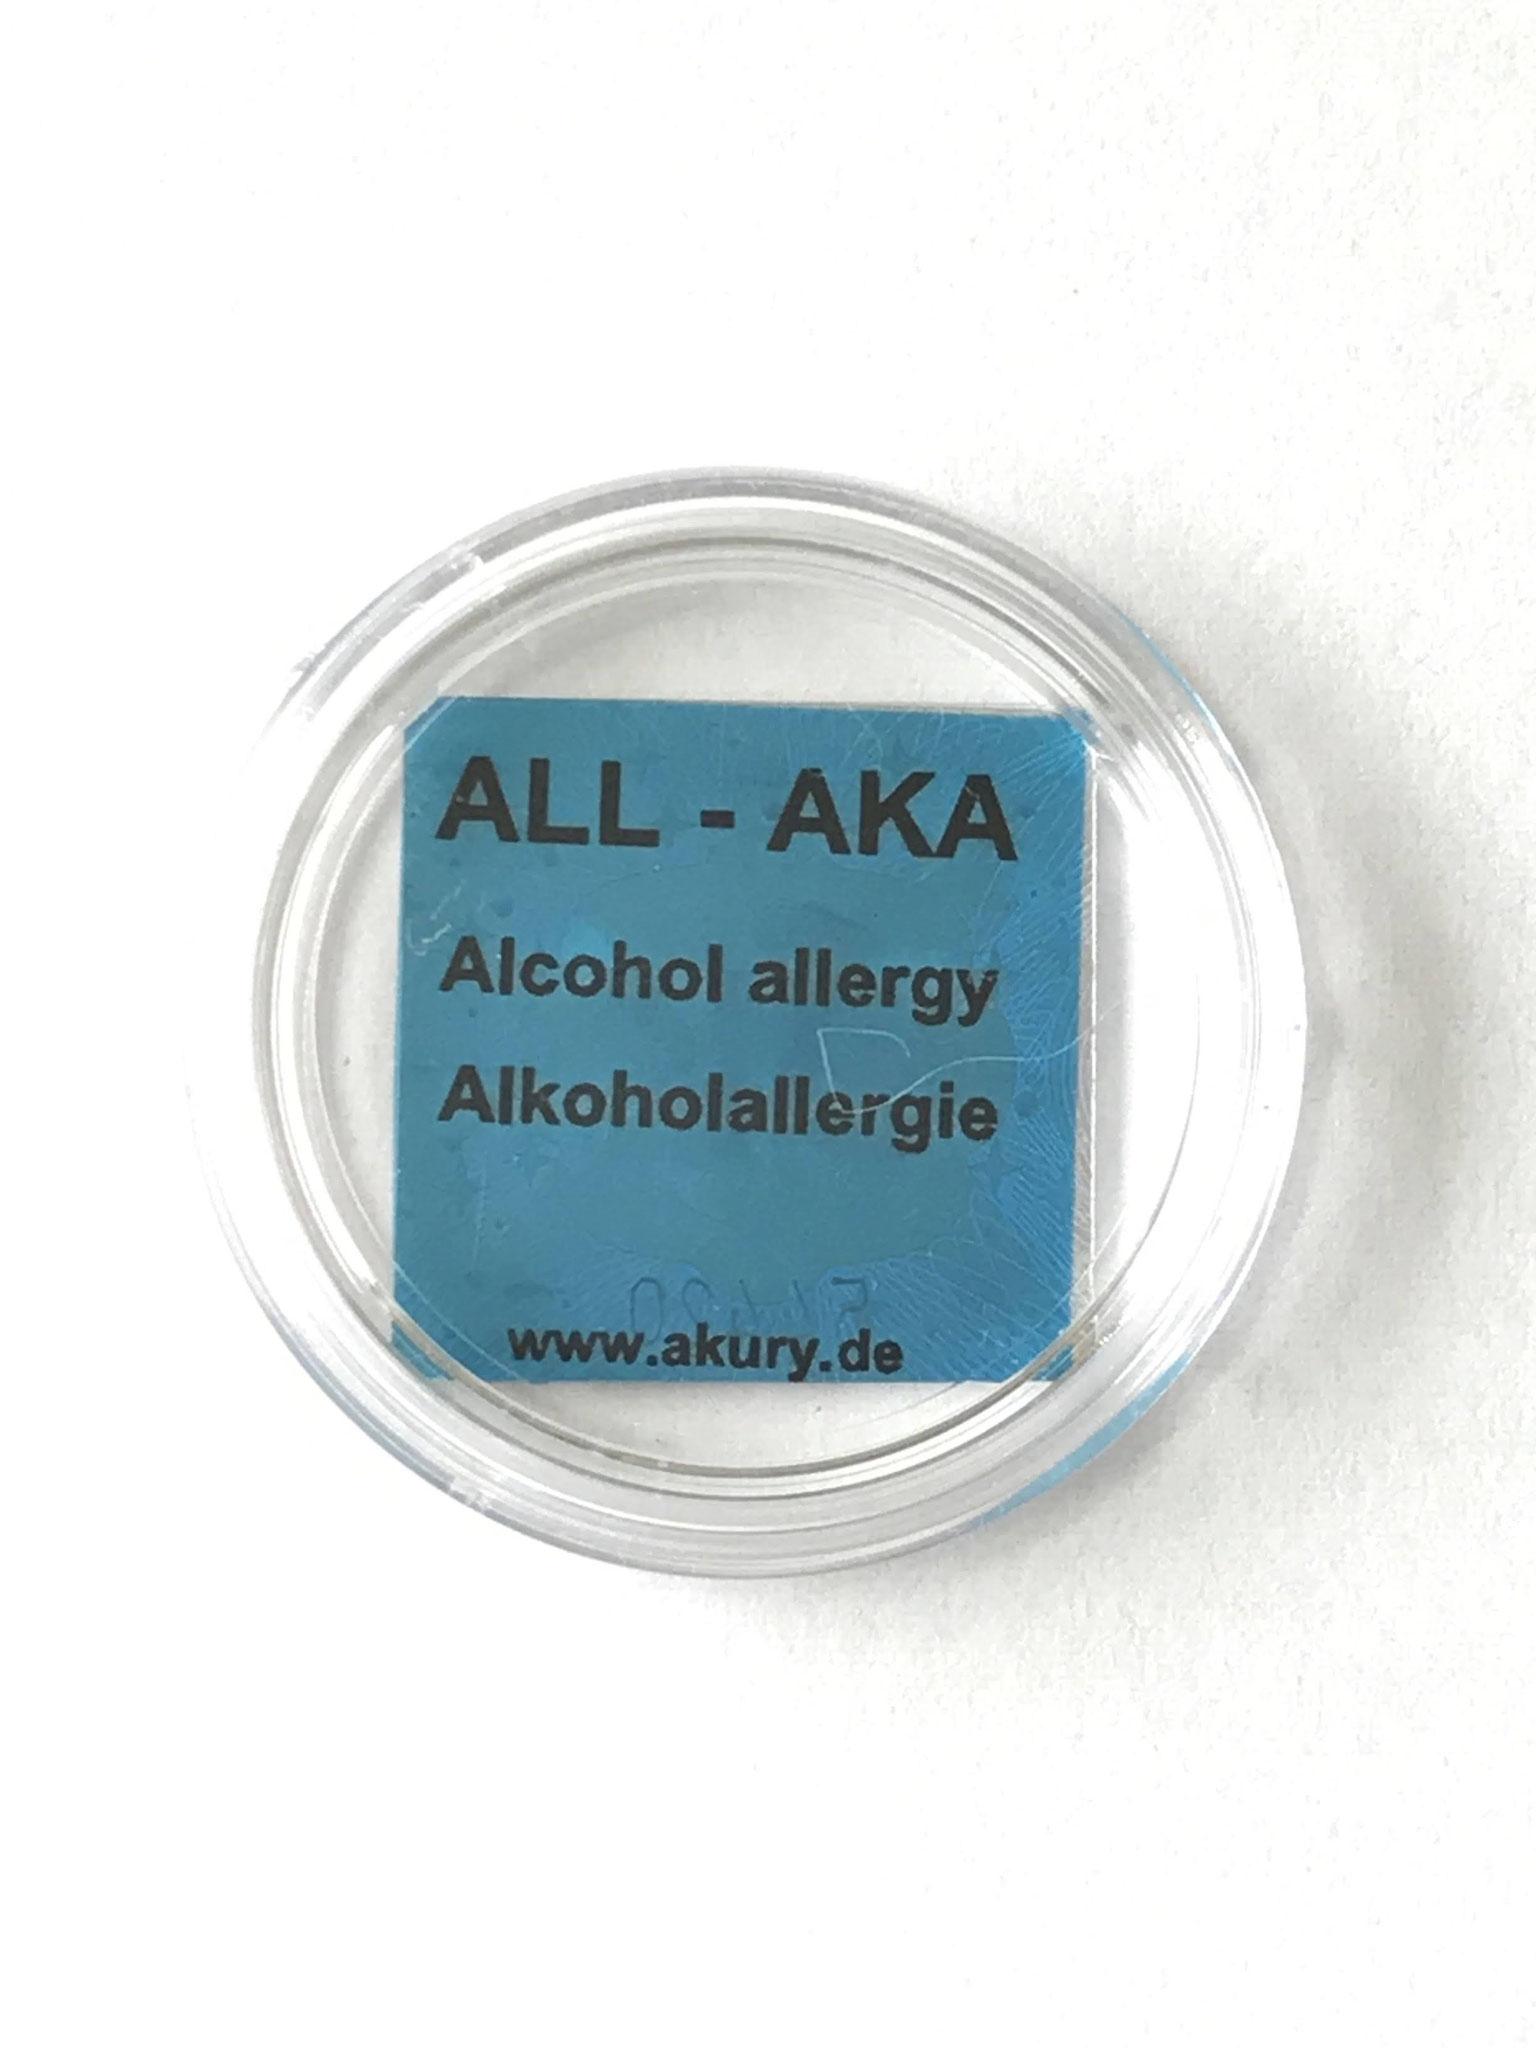 アルコールアレルギー過敏症